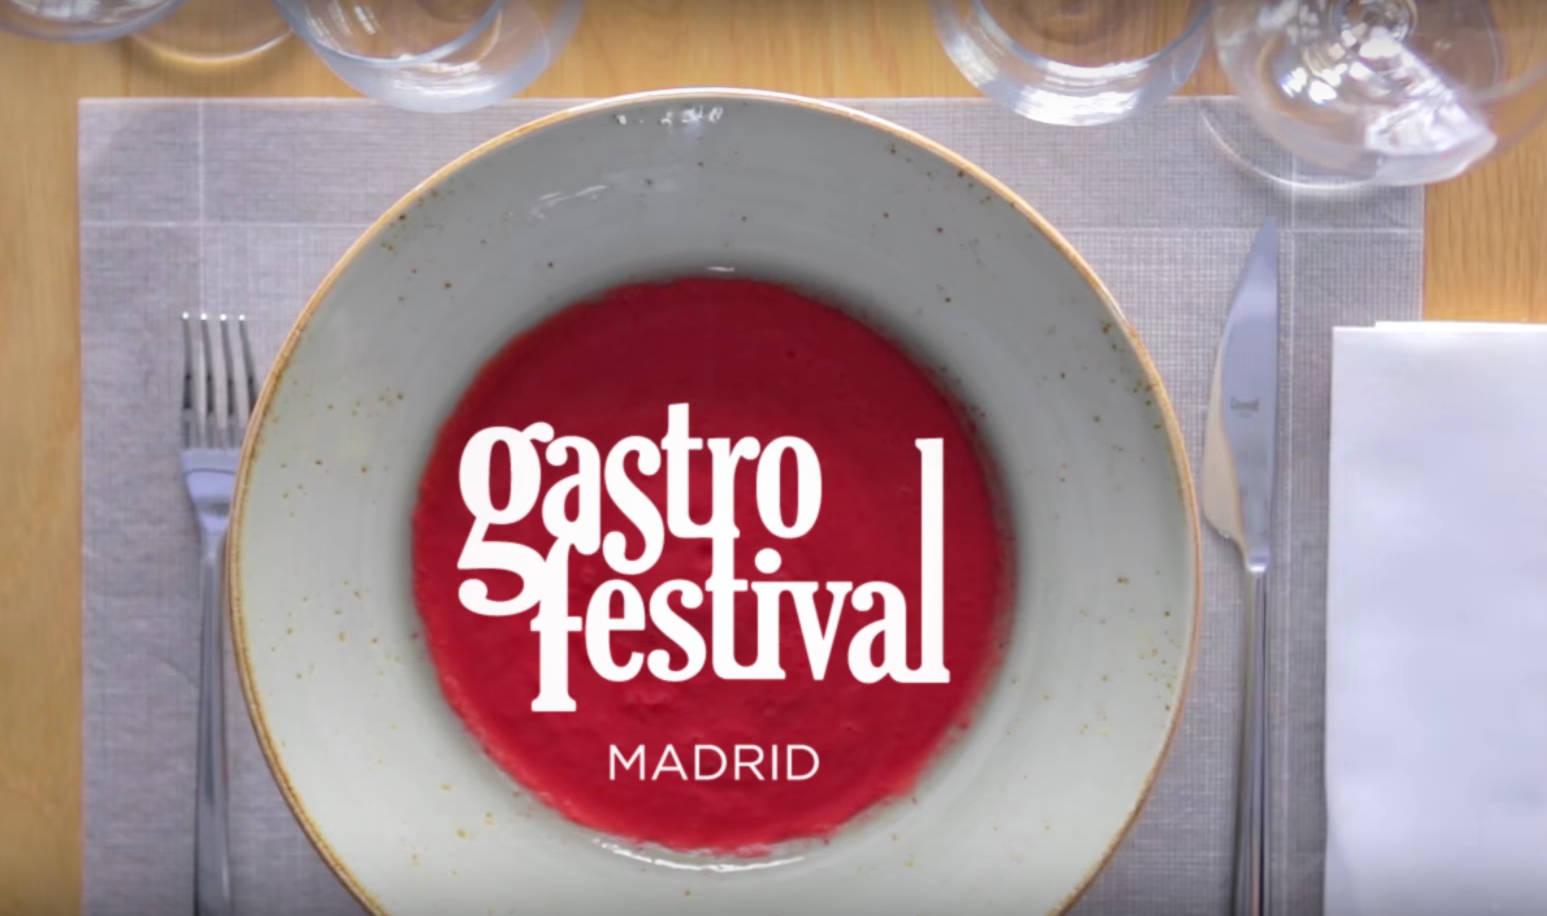 Gastrofestival Madrid 2016